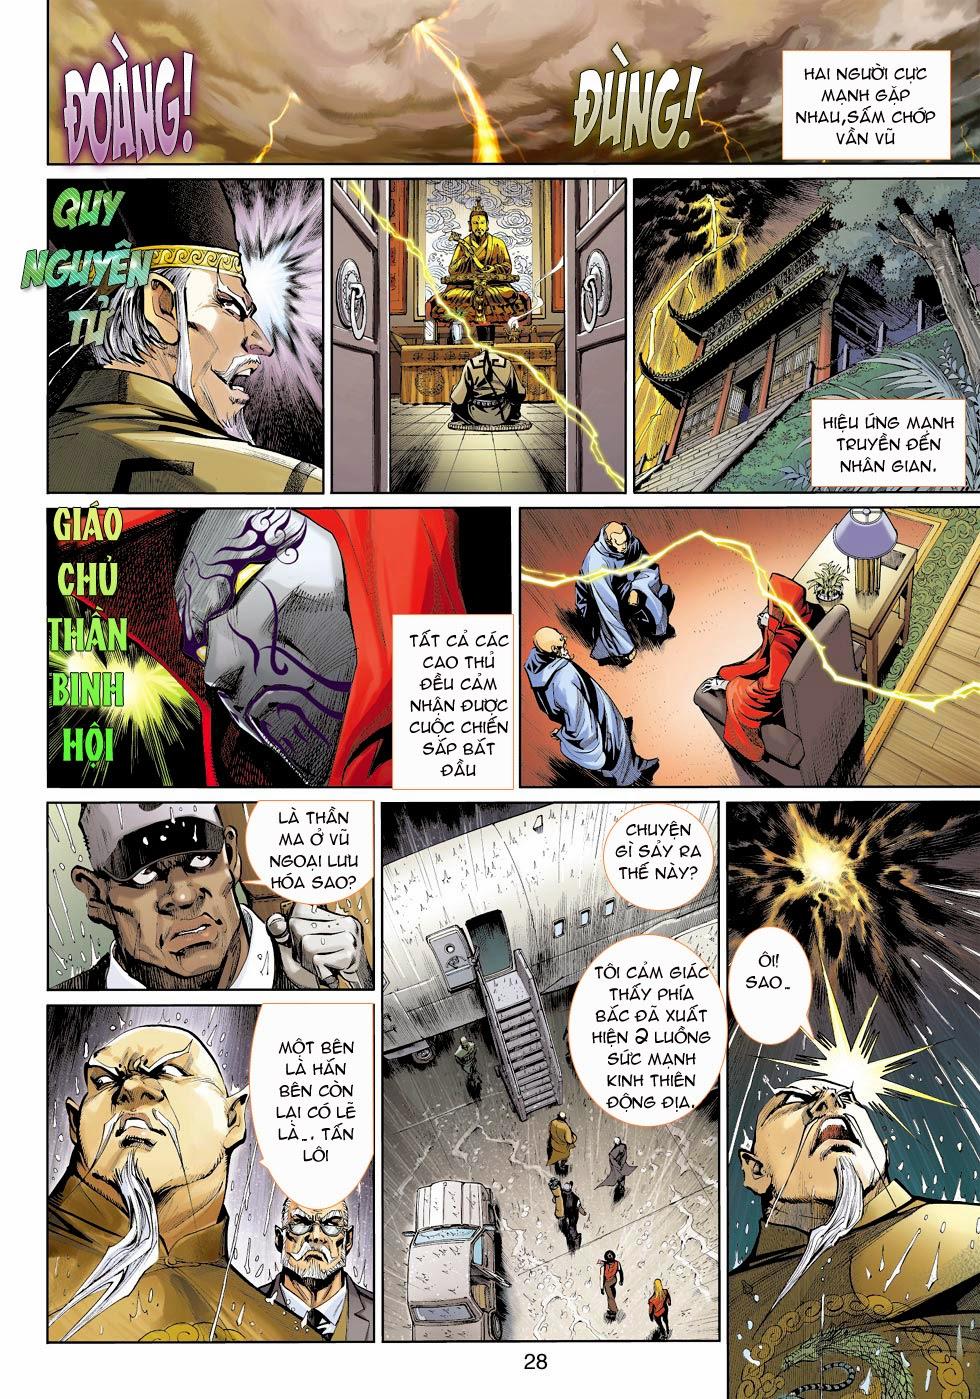 Thần Binh 4 chap 25 - Trang 30